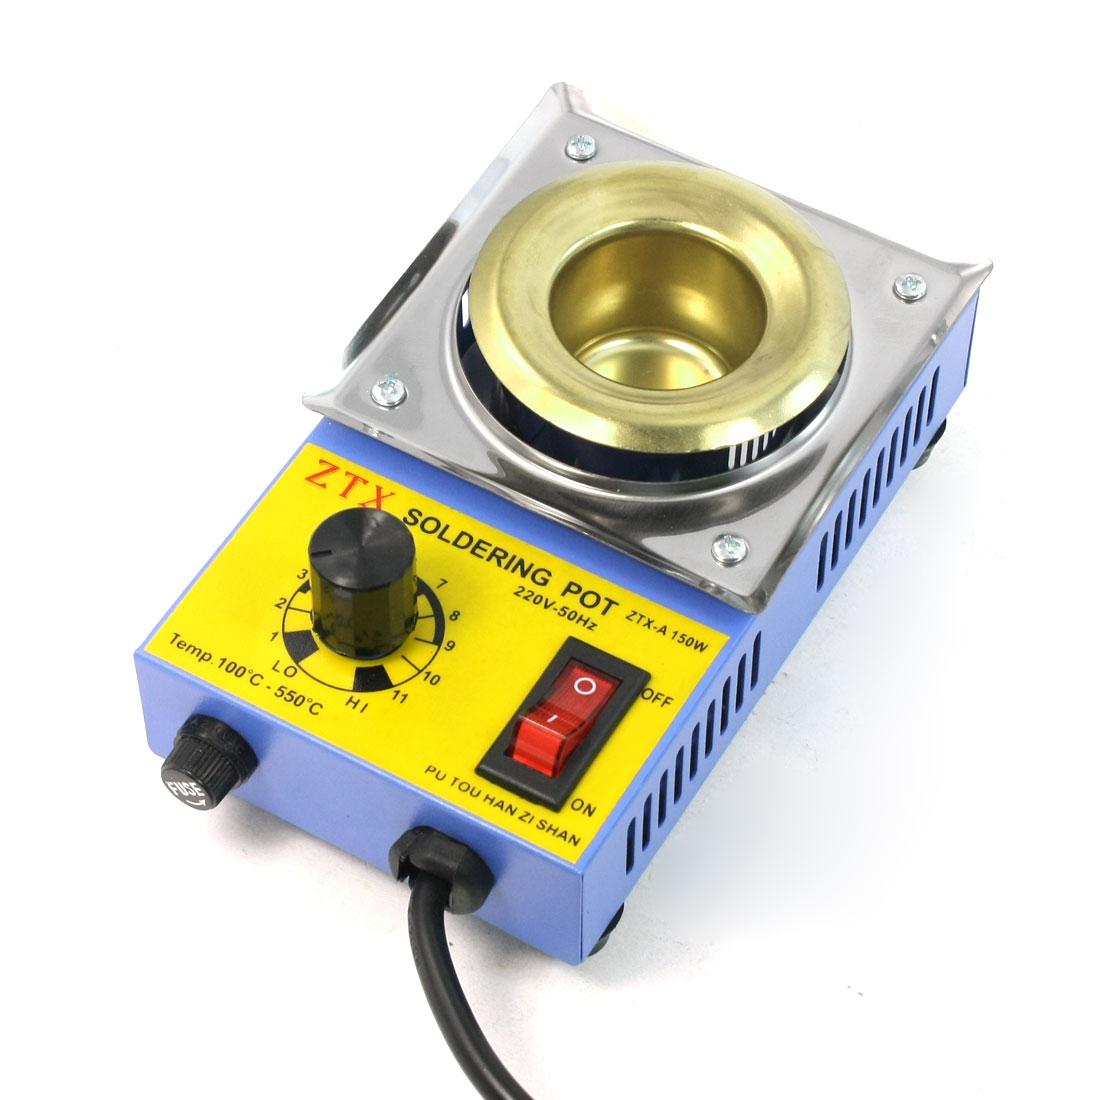 AU Plug AC 220V 150W 100C to 550C Temperature Adjustable Solding Solder Pot